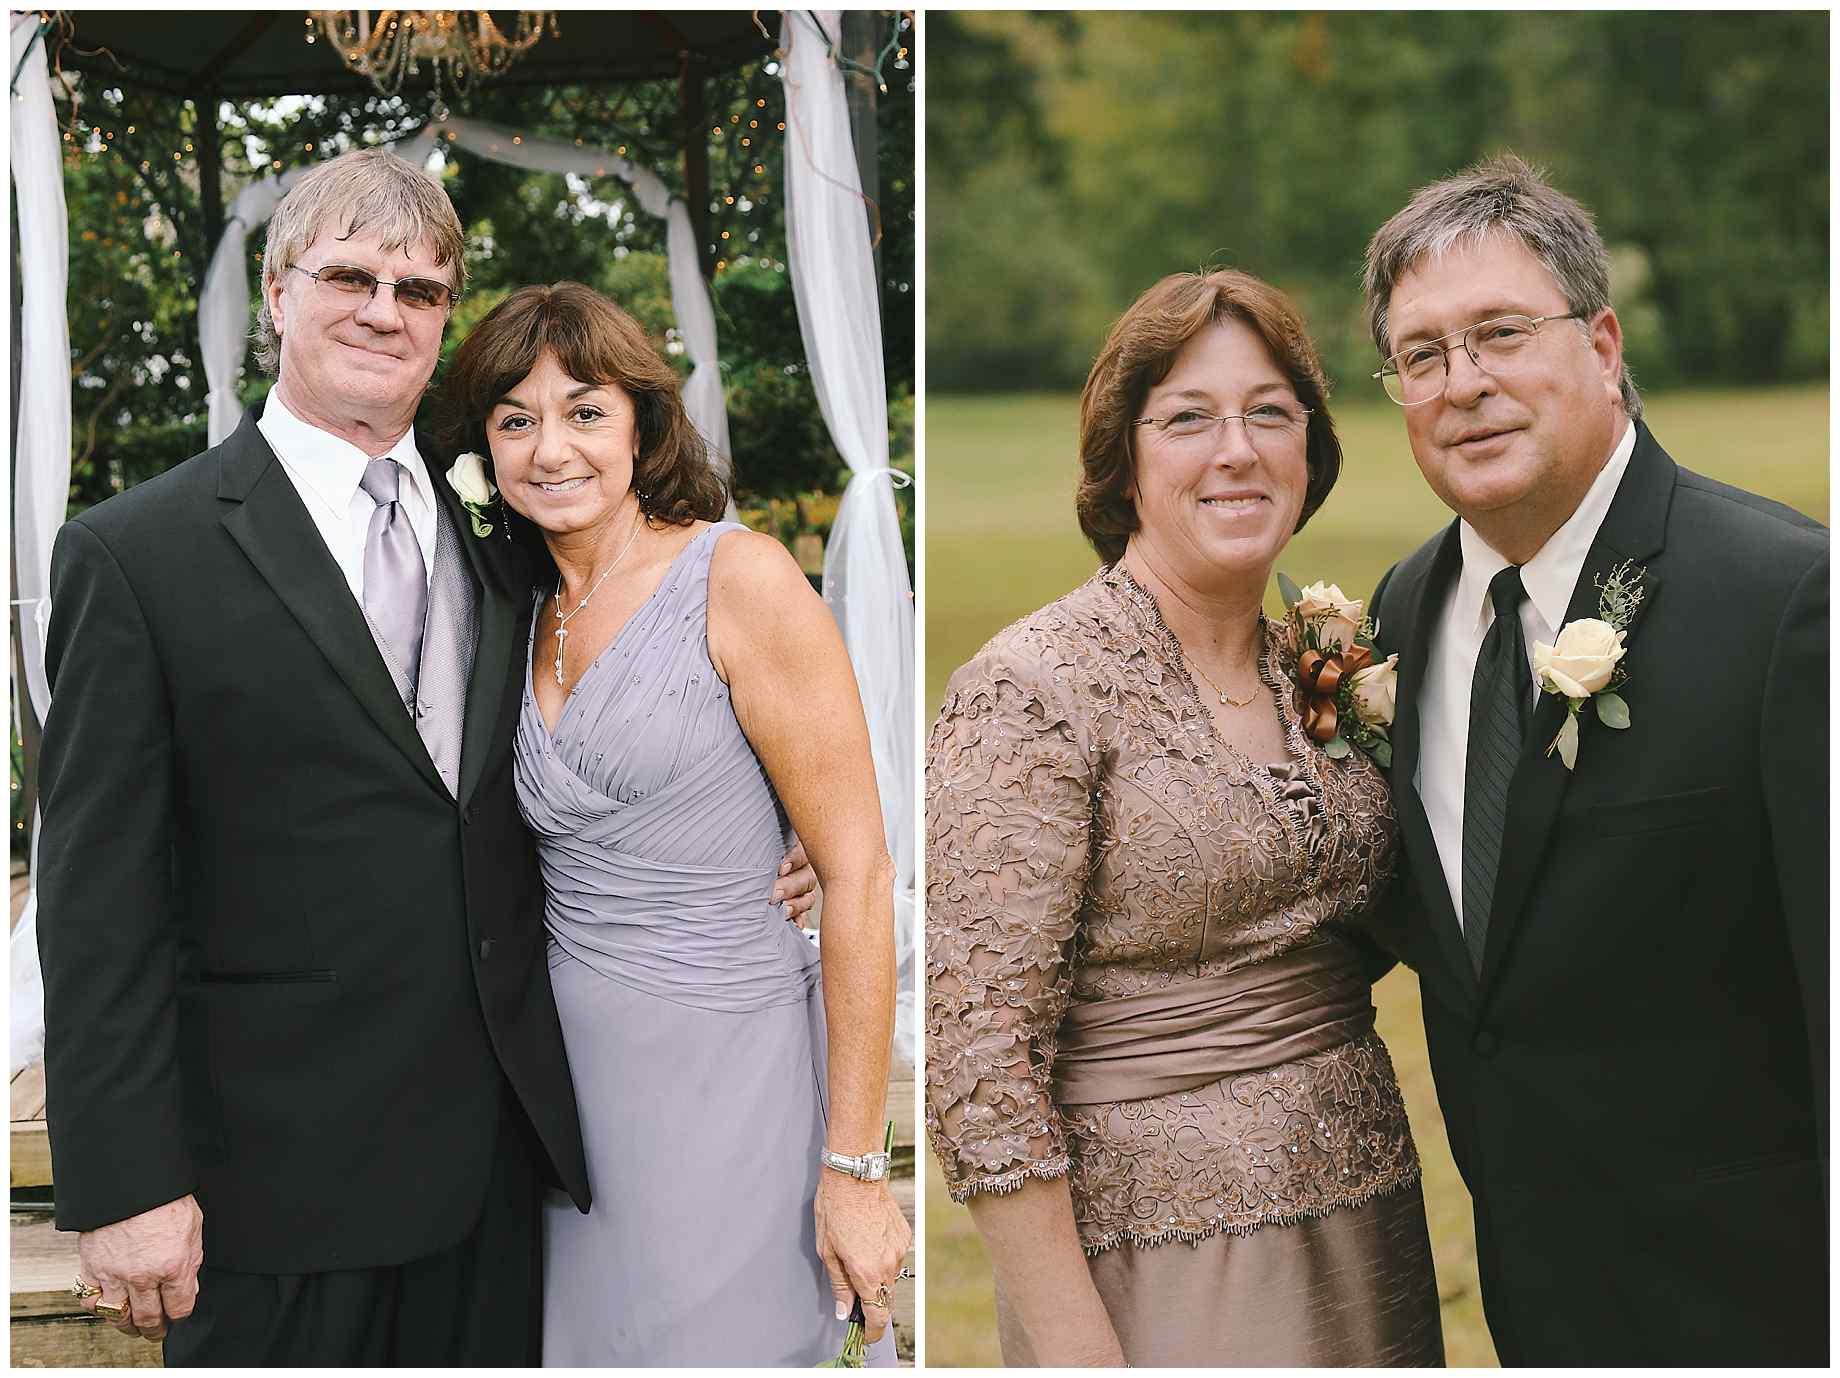 wedding-family-photos-09